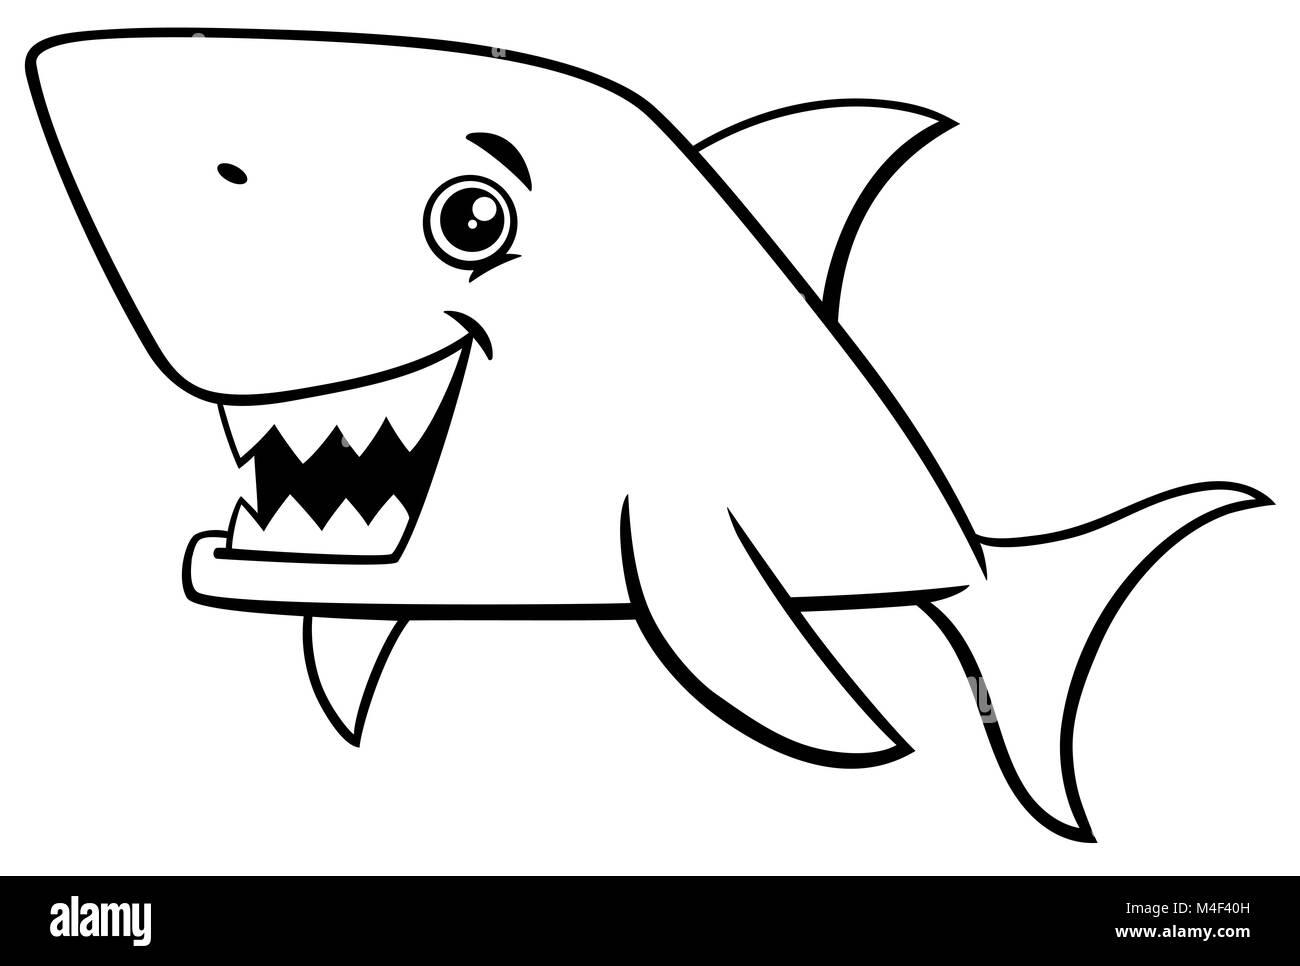 Página para colorear de peces tiburón Foto & Imagen De Stock ...